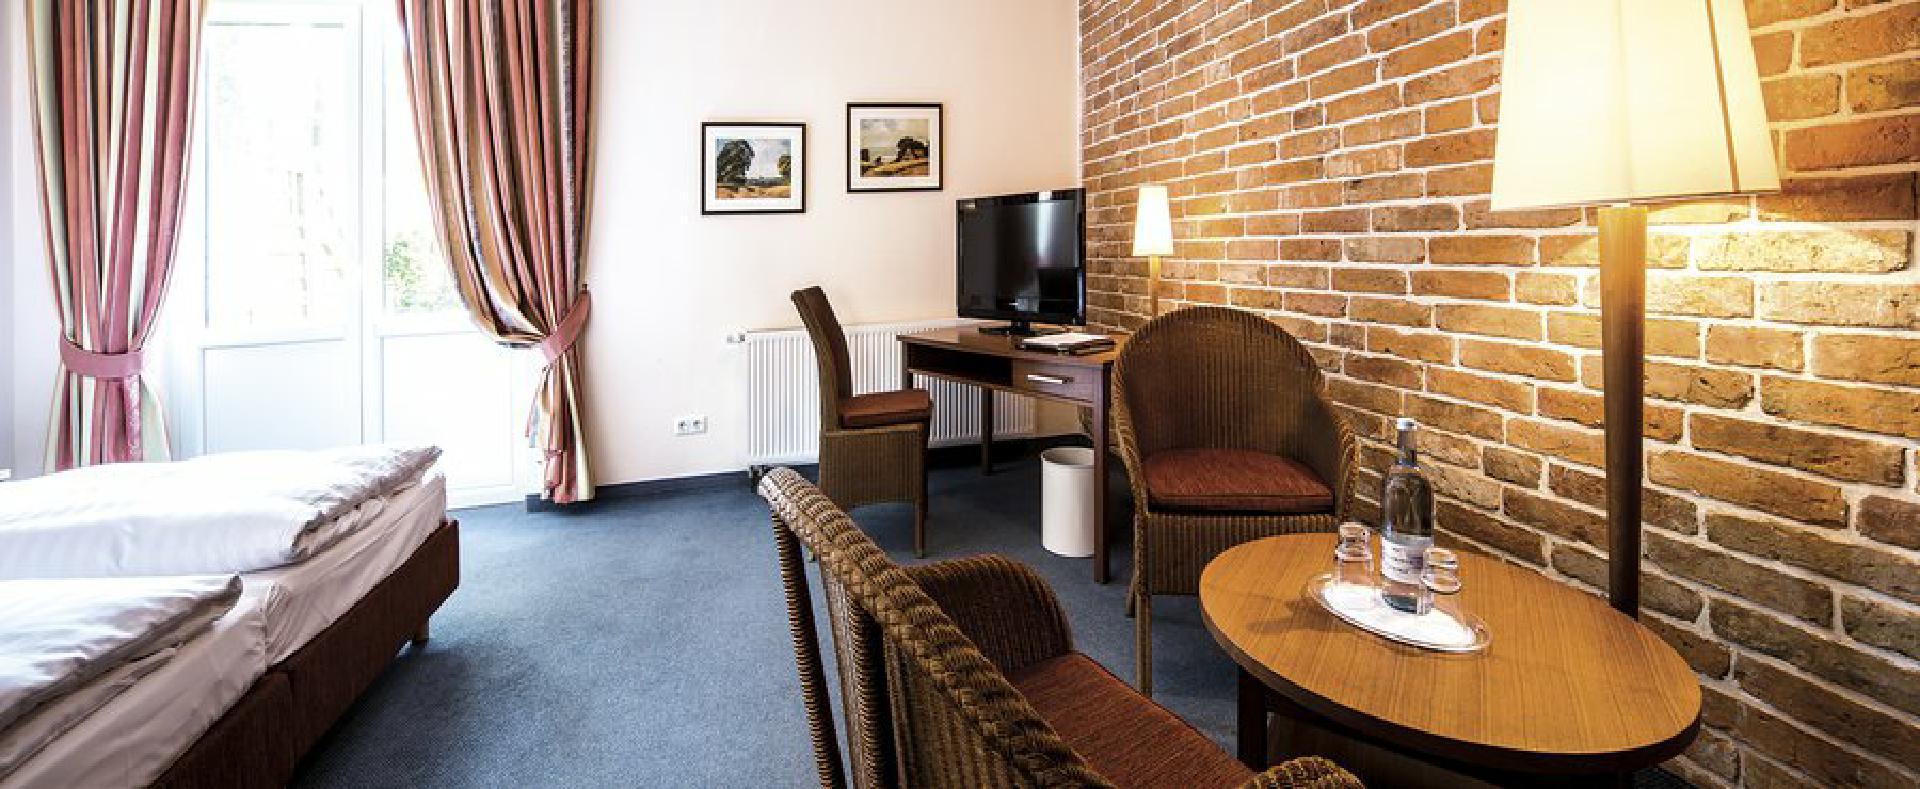 dz-05-seehotel-heidehof_d55c03560a